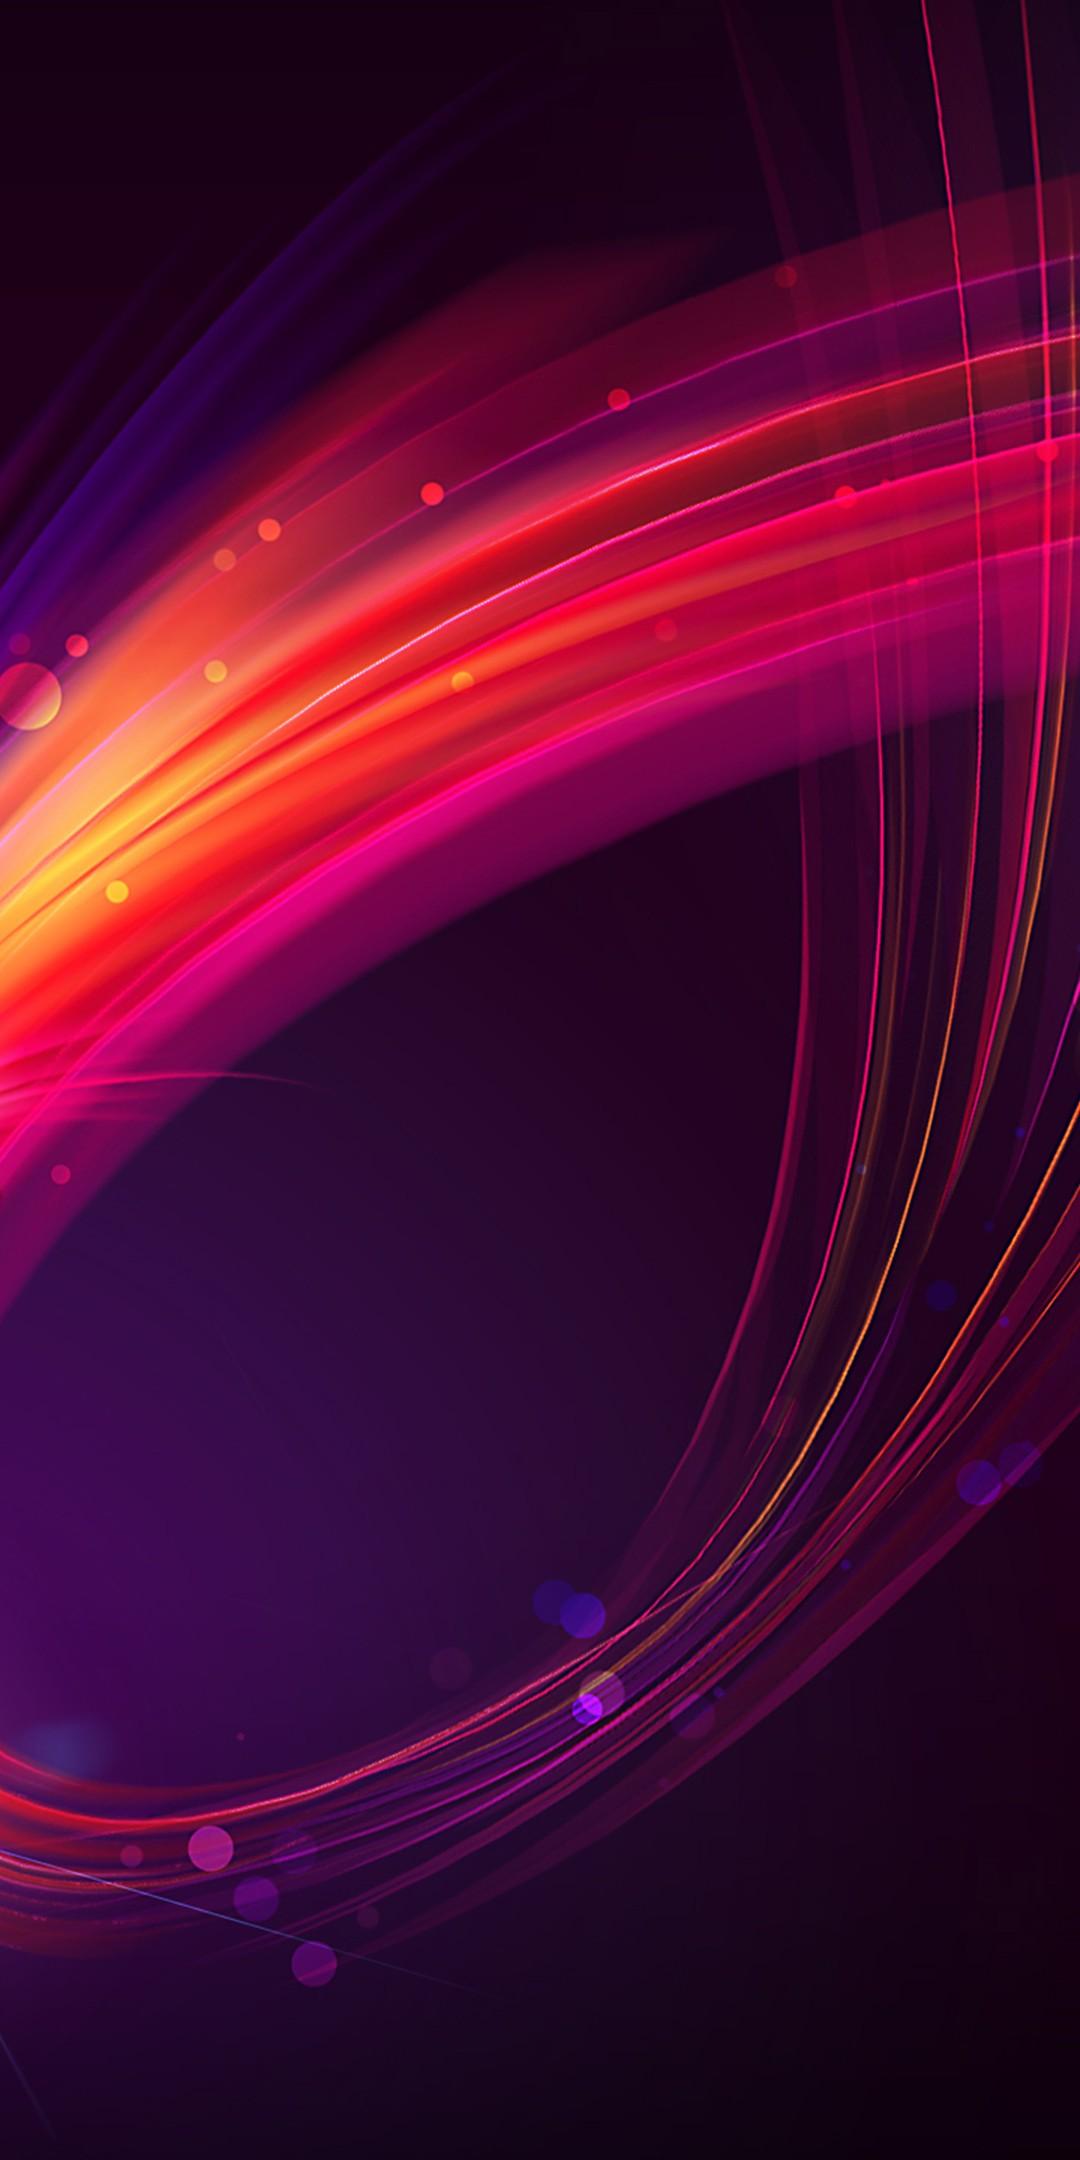 3d Galaxy Wallpaper Desktop Huawei Mate 10 Pro Stock Wallpaper 02 1080x2160